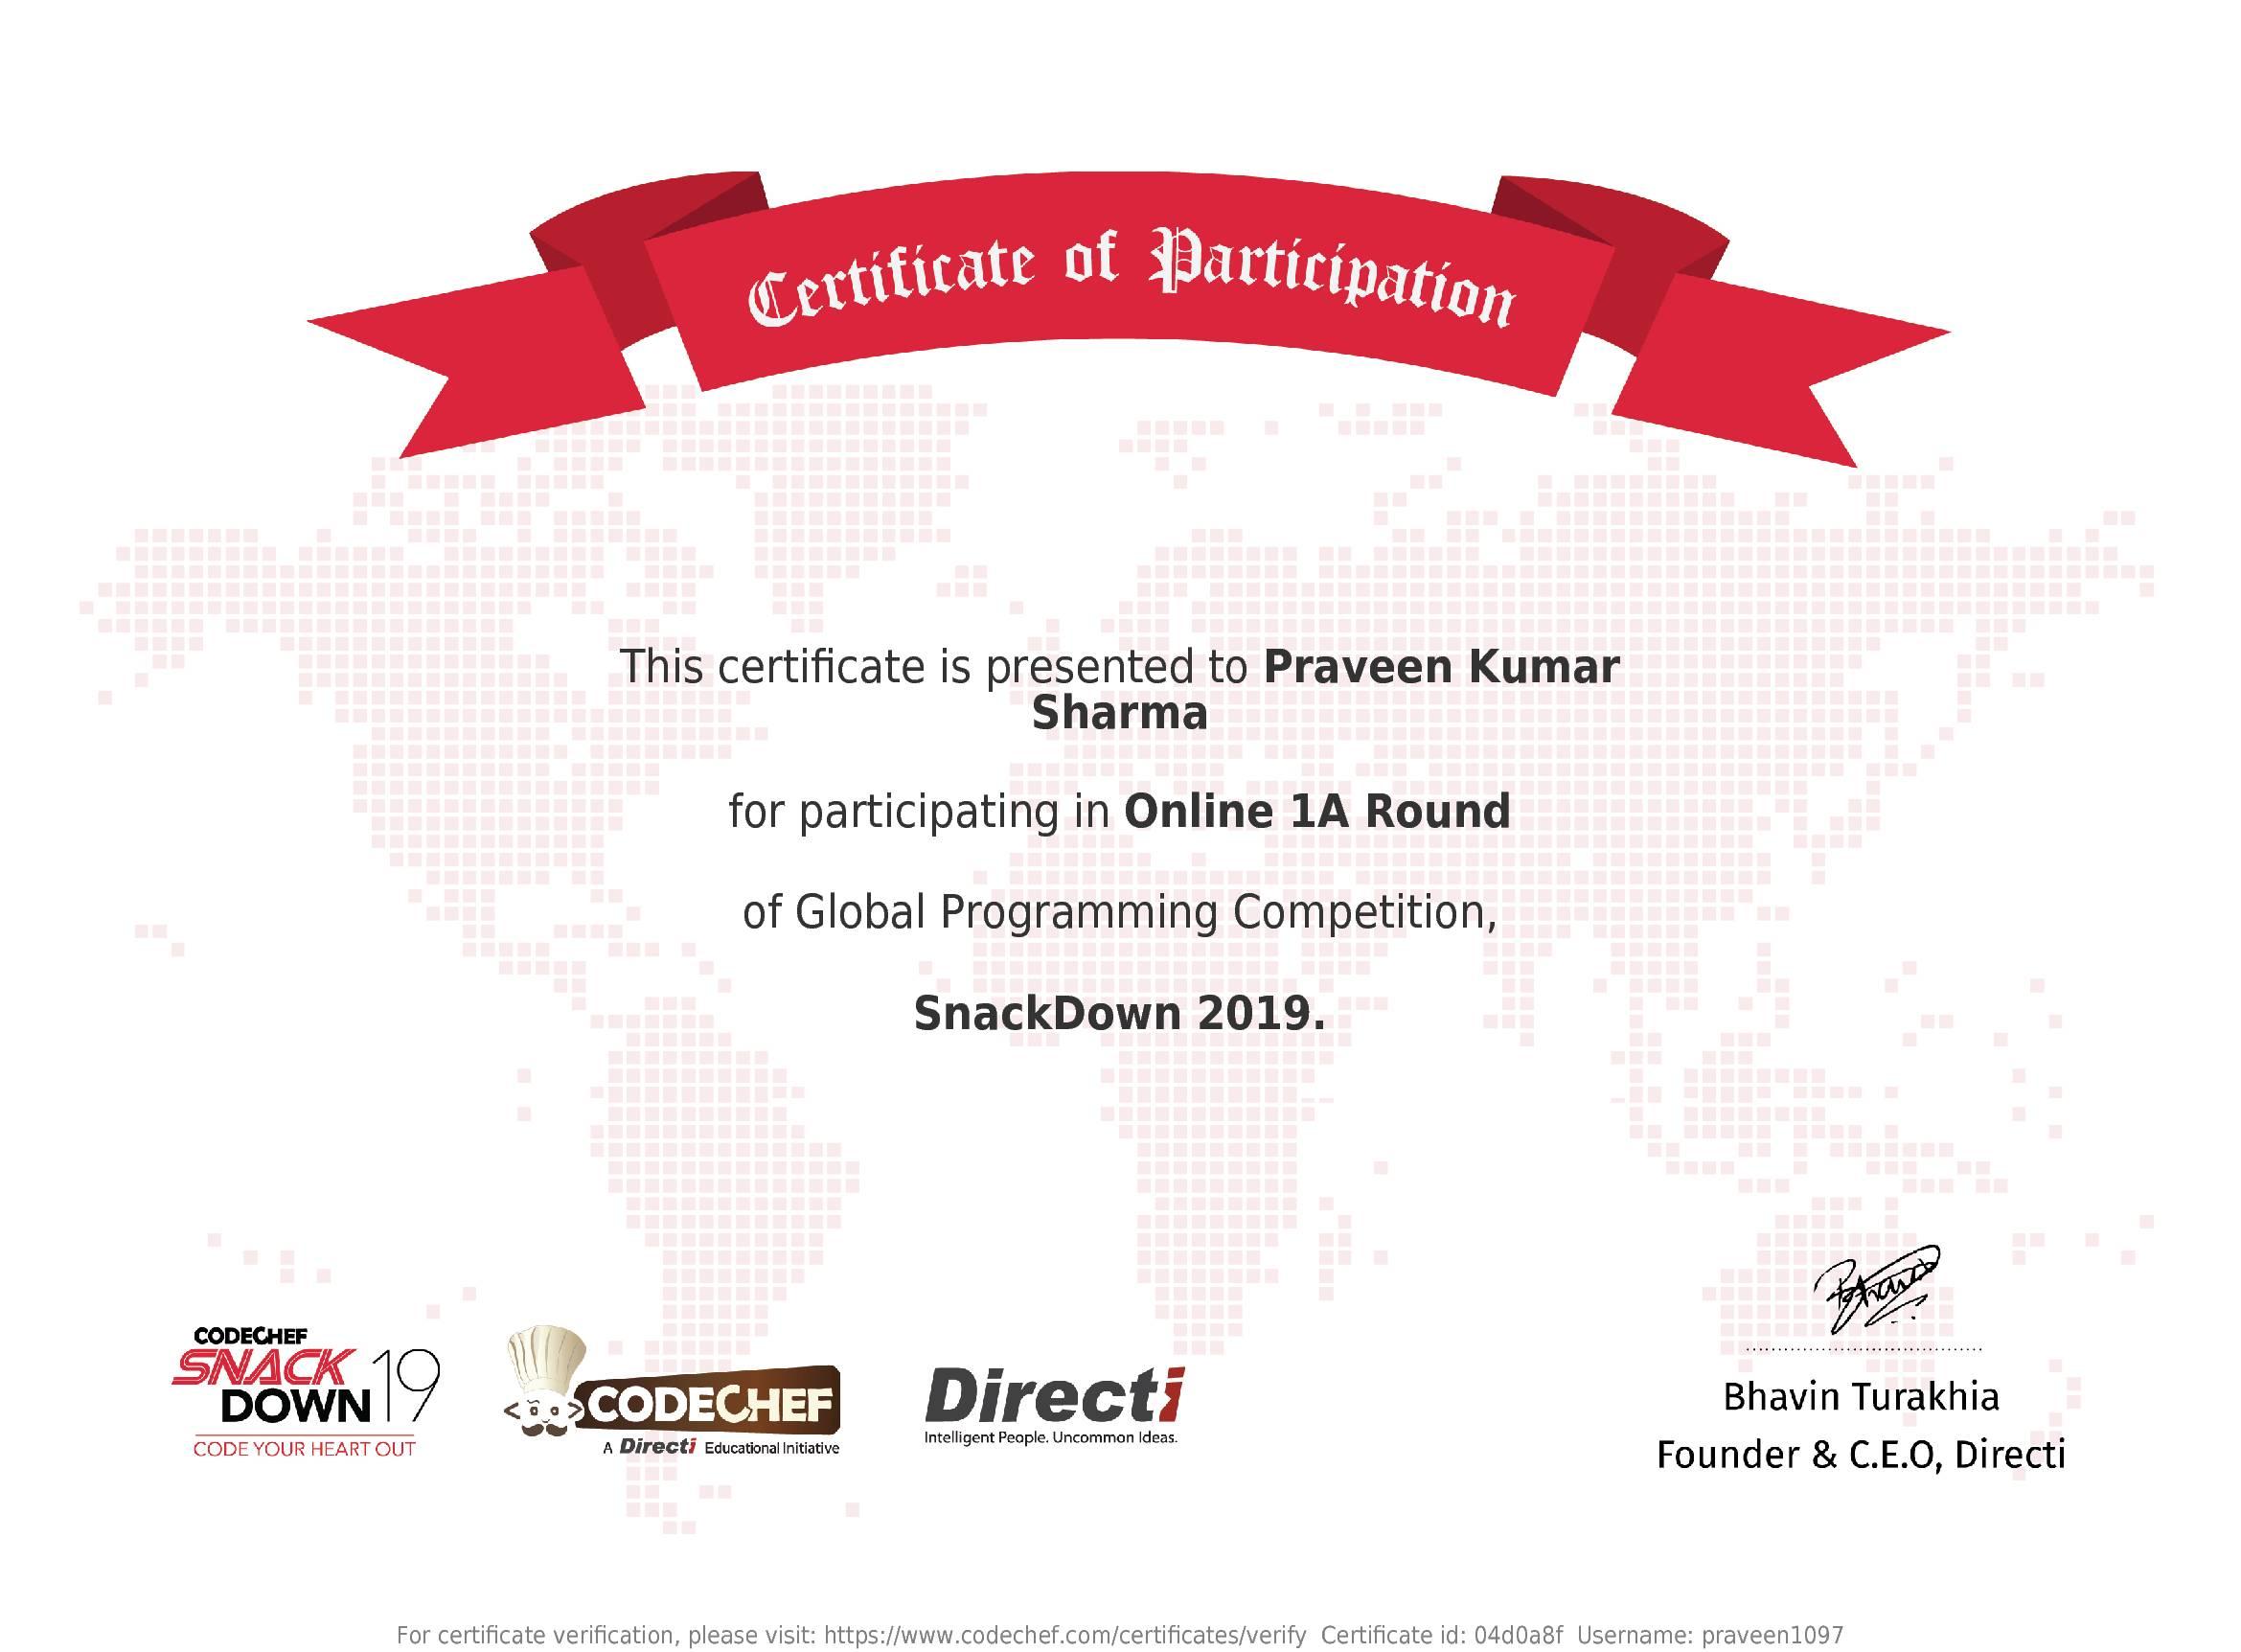 Awarded to Praveen Kumar Sharma